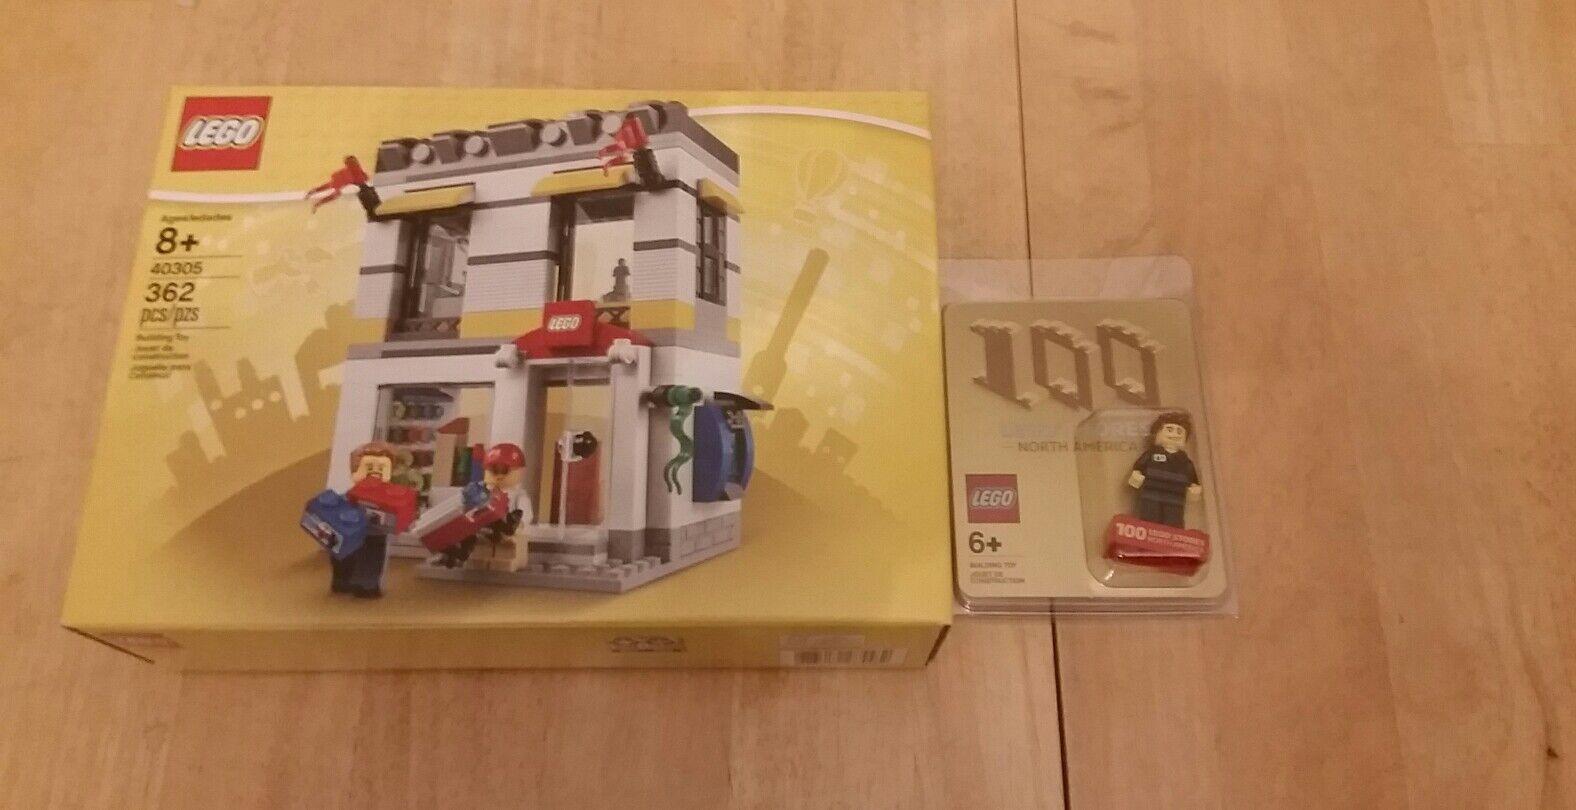 2019 Lego 100th norteamericano tienda Promo Exclusivo Minifigura 46AB8 +40305